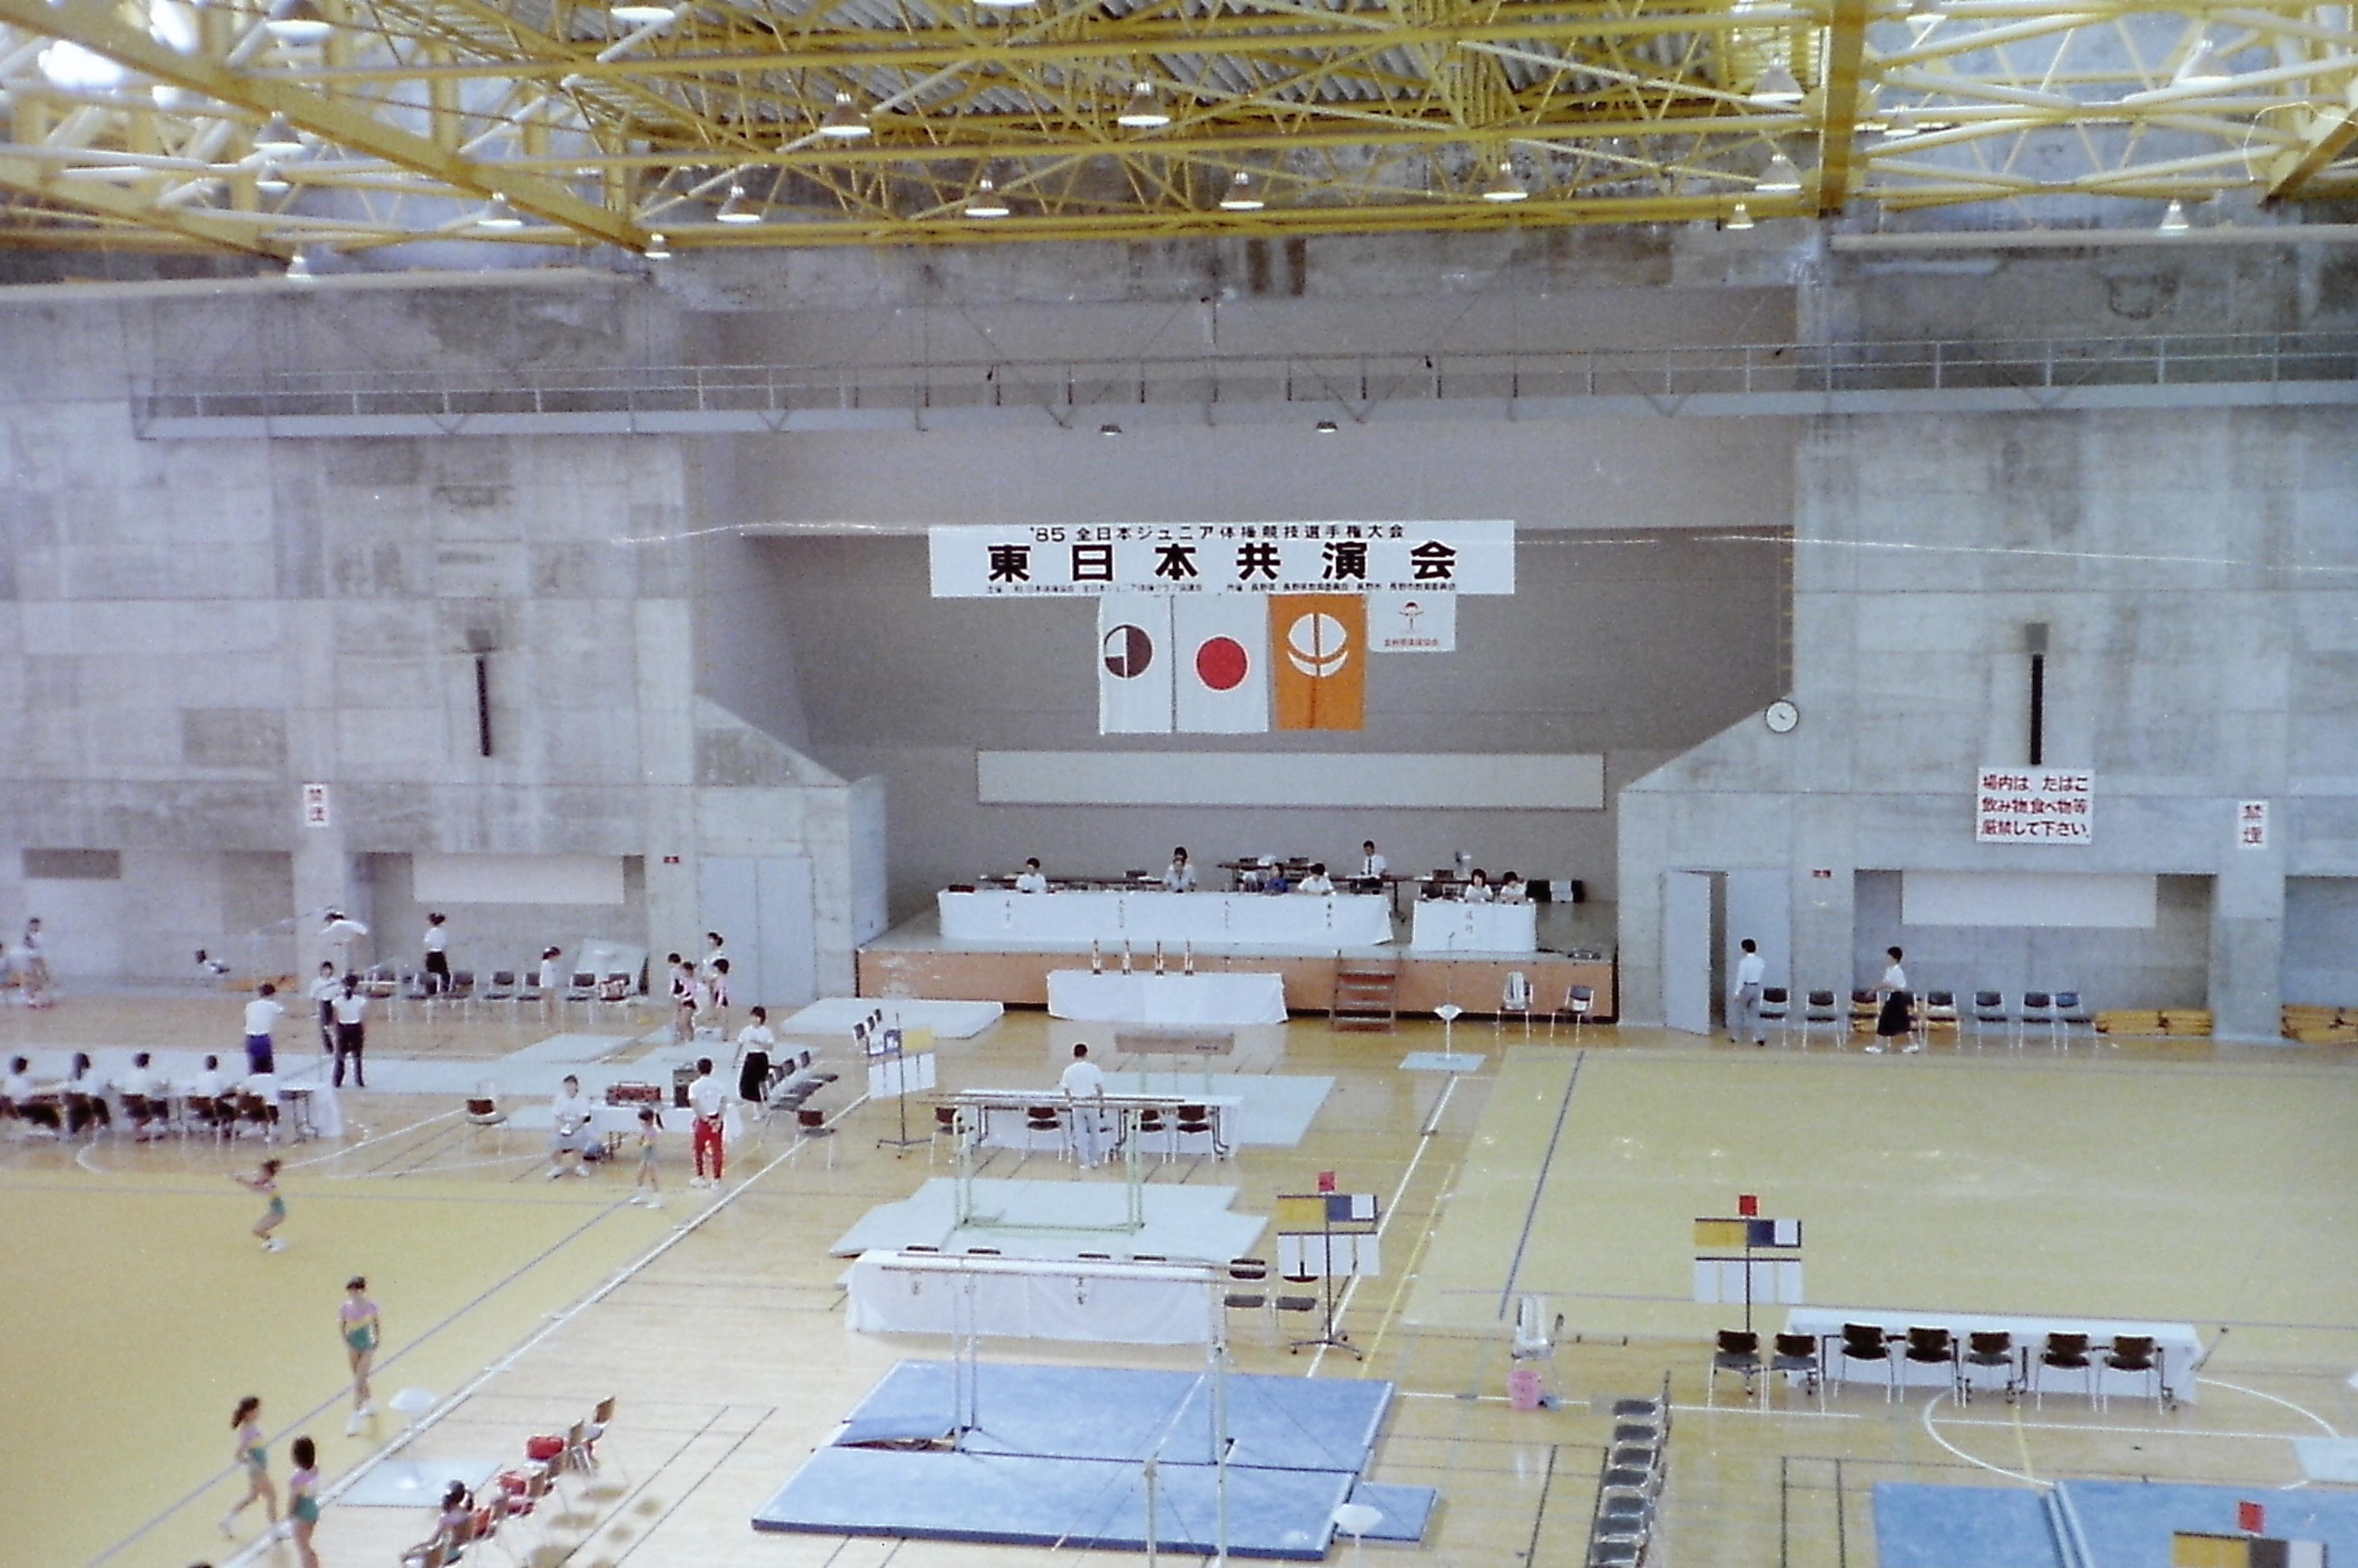 85年に運動公園で開催された体操競技の大会とのこと・この体育館の工事に携わらせていただきました